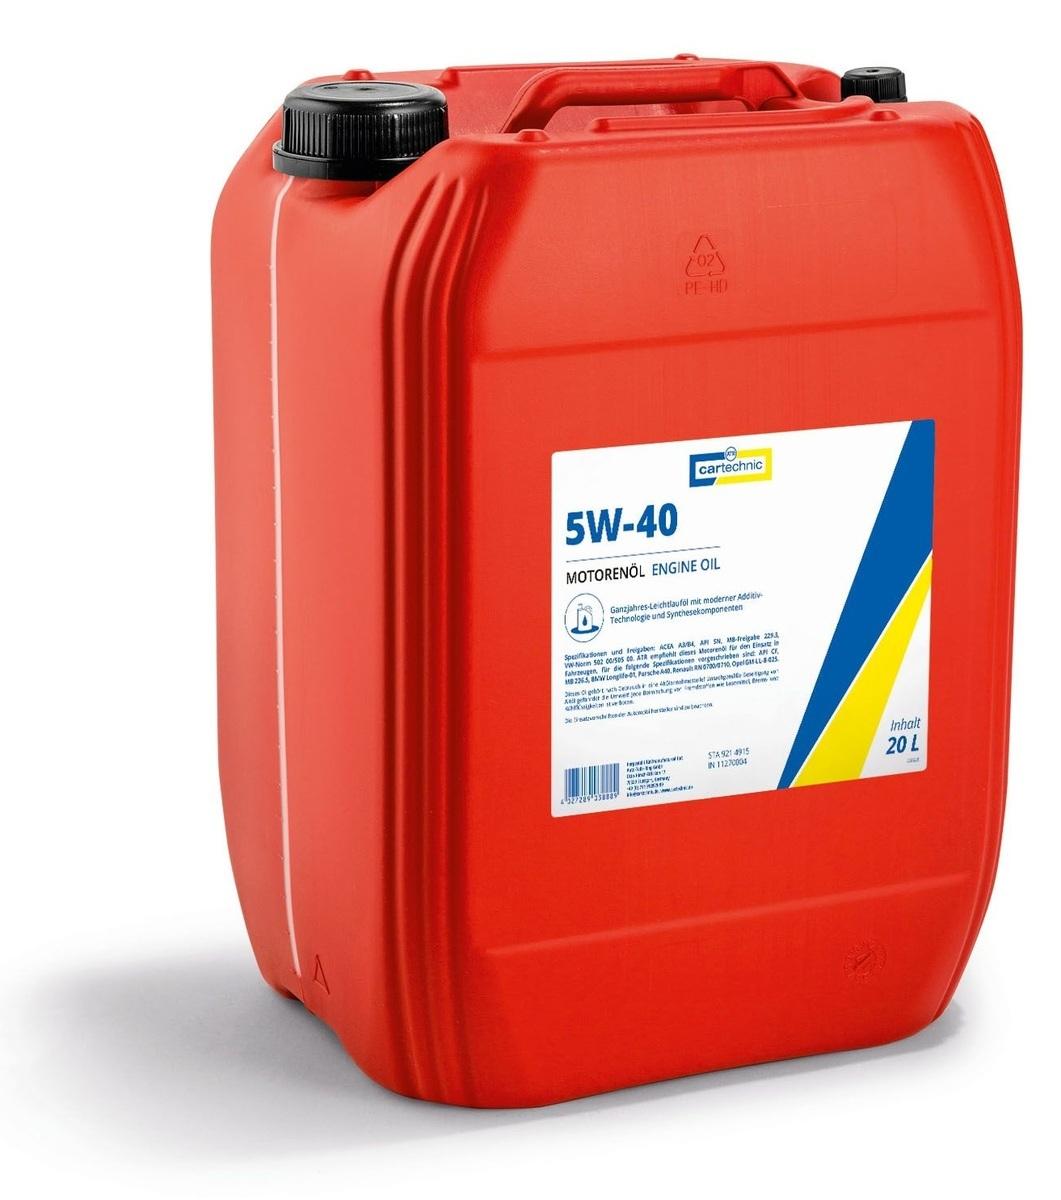 Motorový olej 5W-40, 20 litrů - Cartechnic